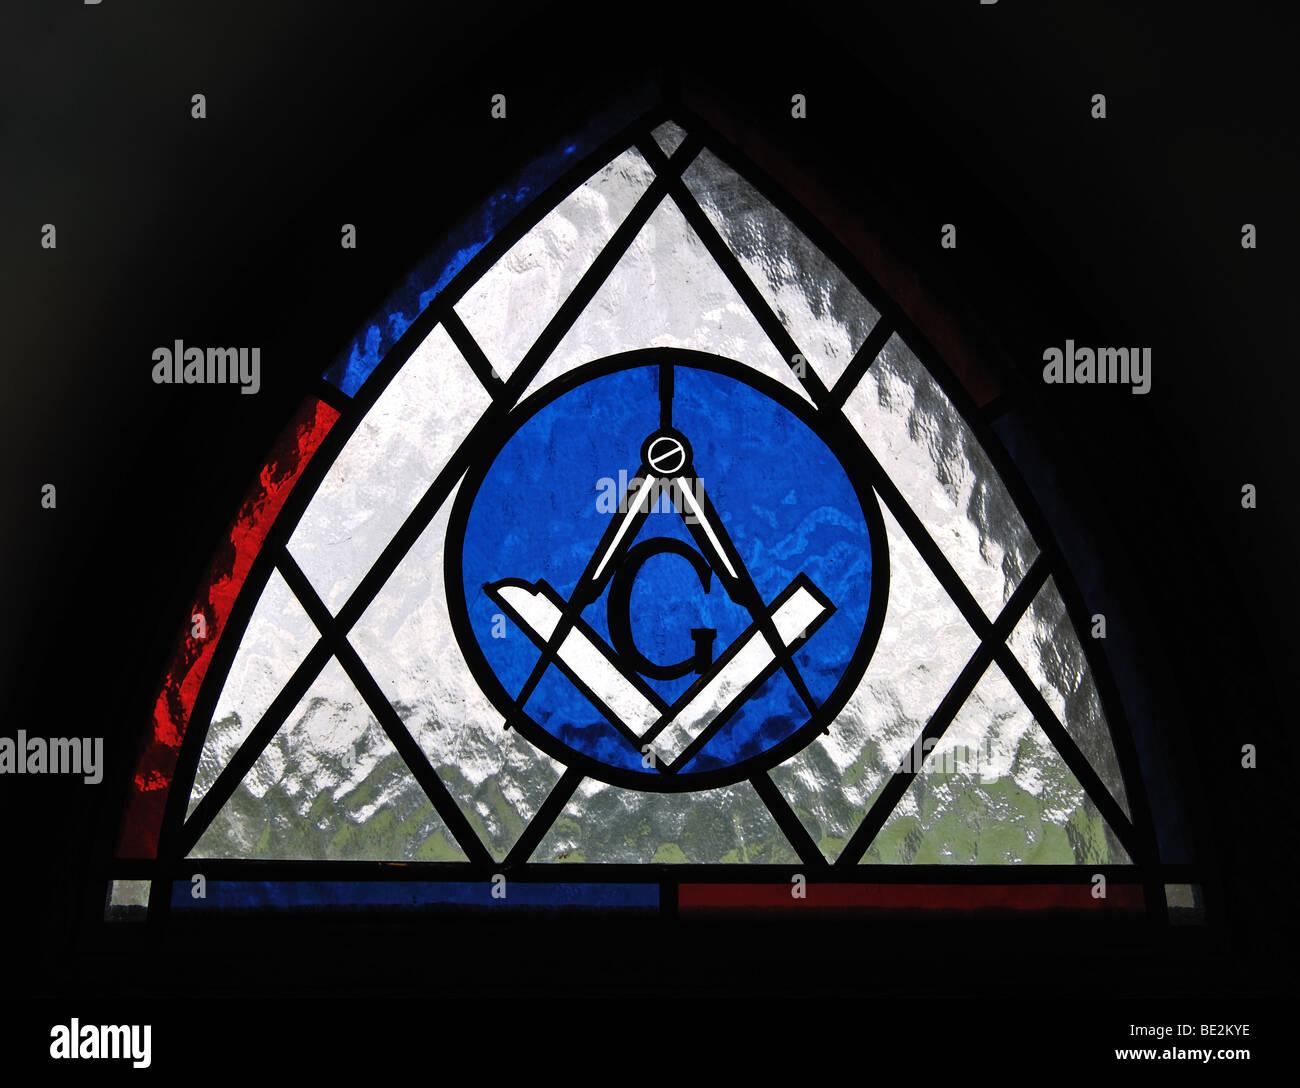 Masonic Symbols Stock Photos Masonic Symbols Stock Images Alamy